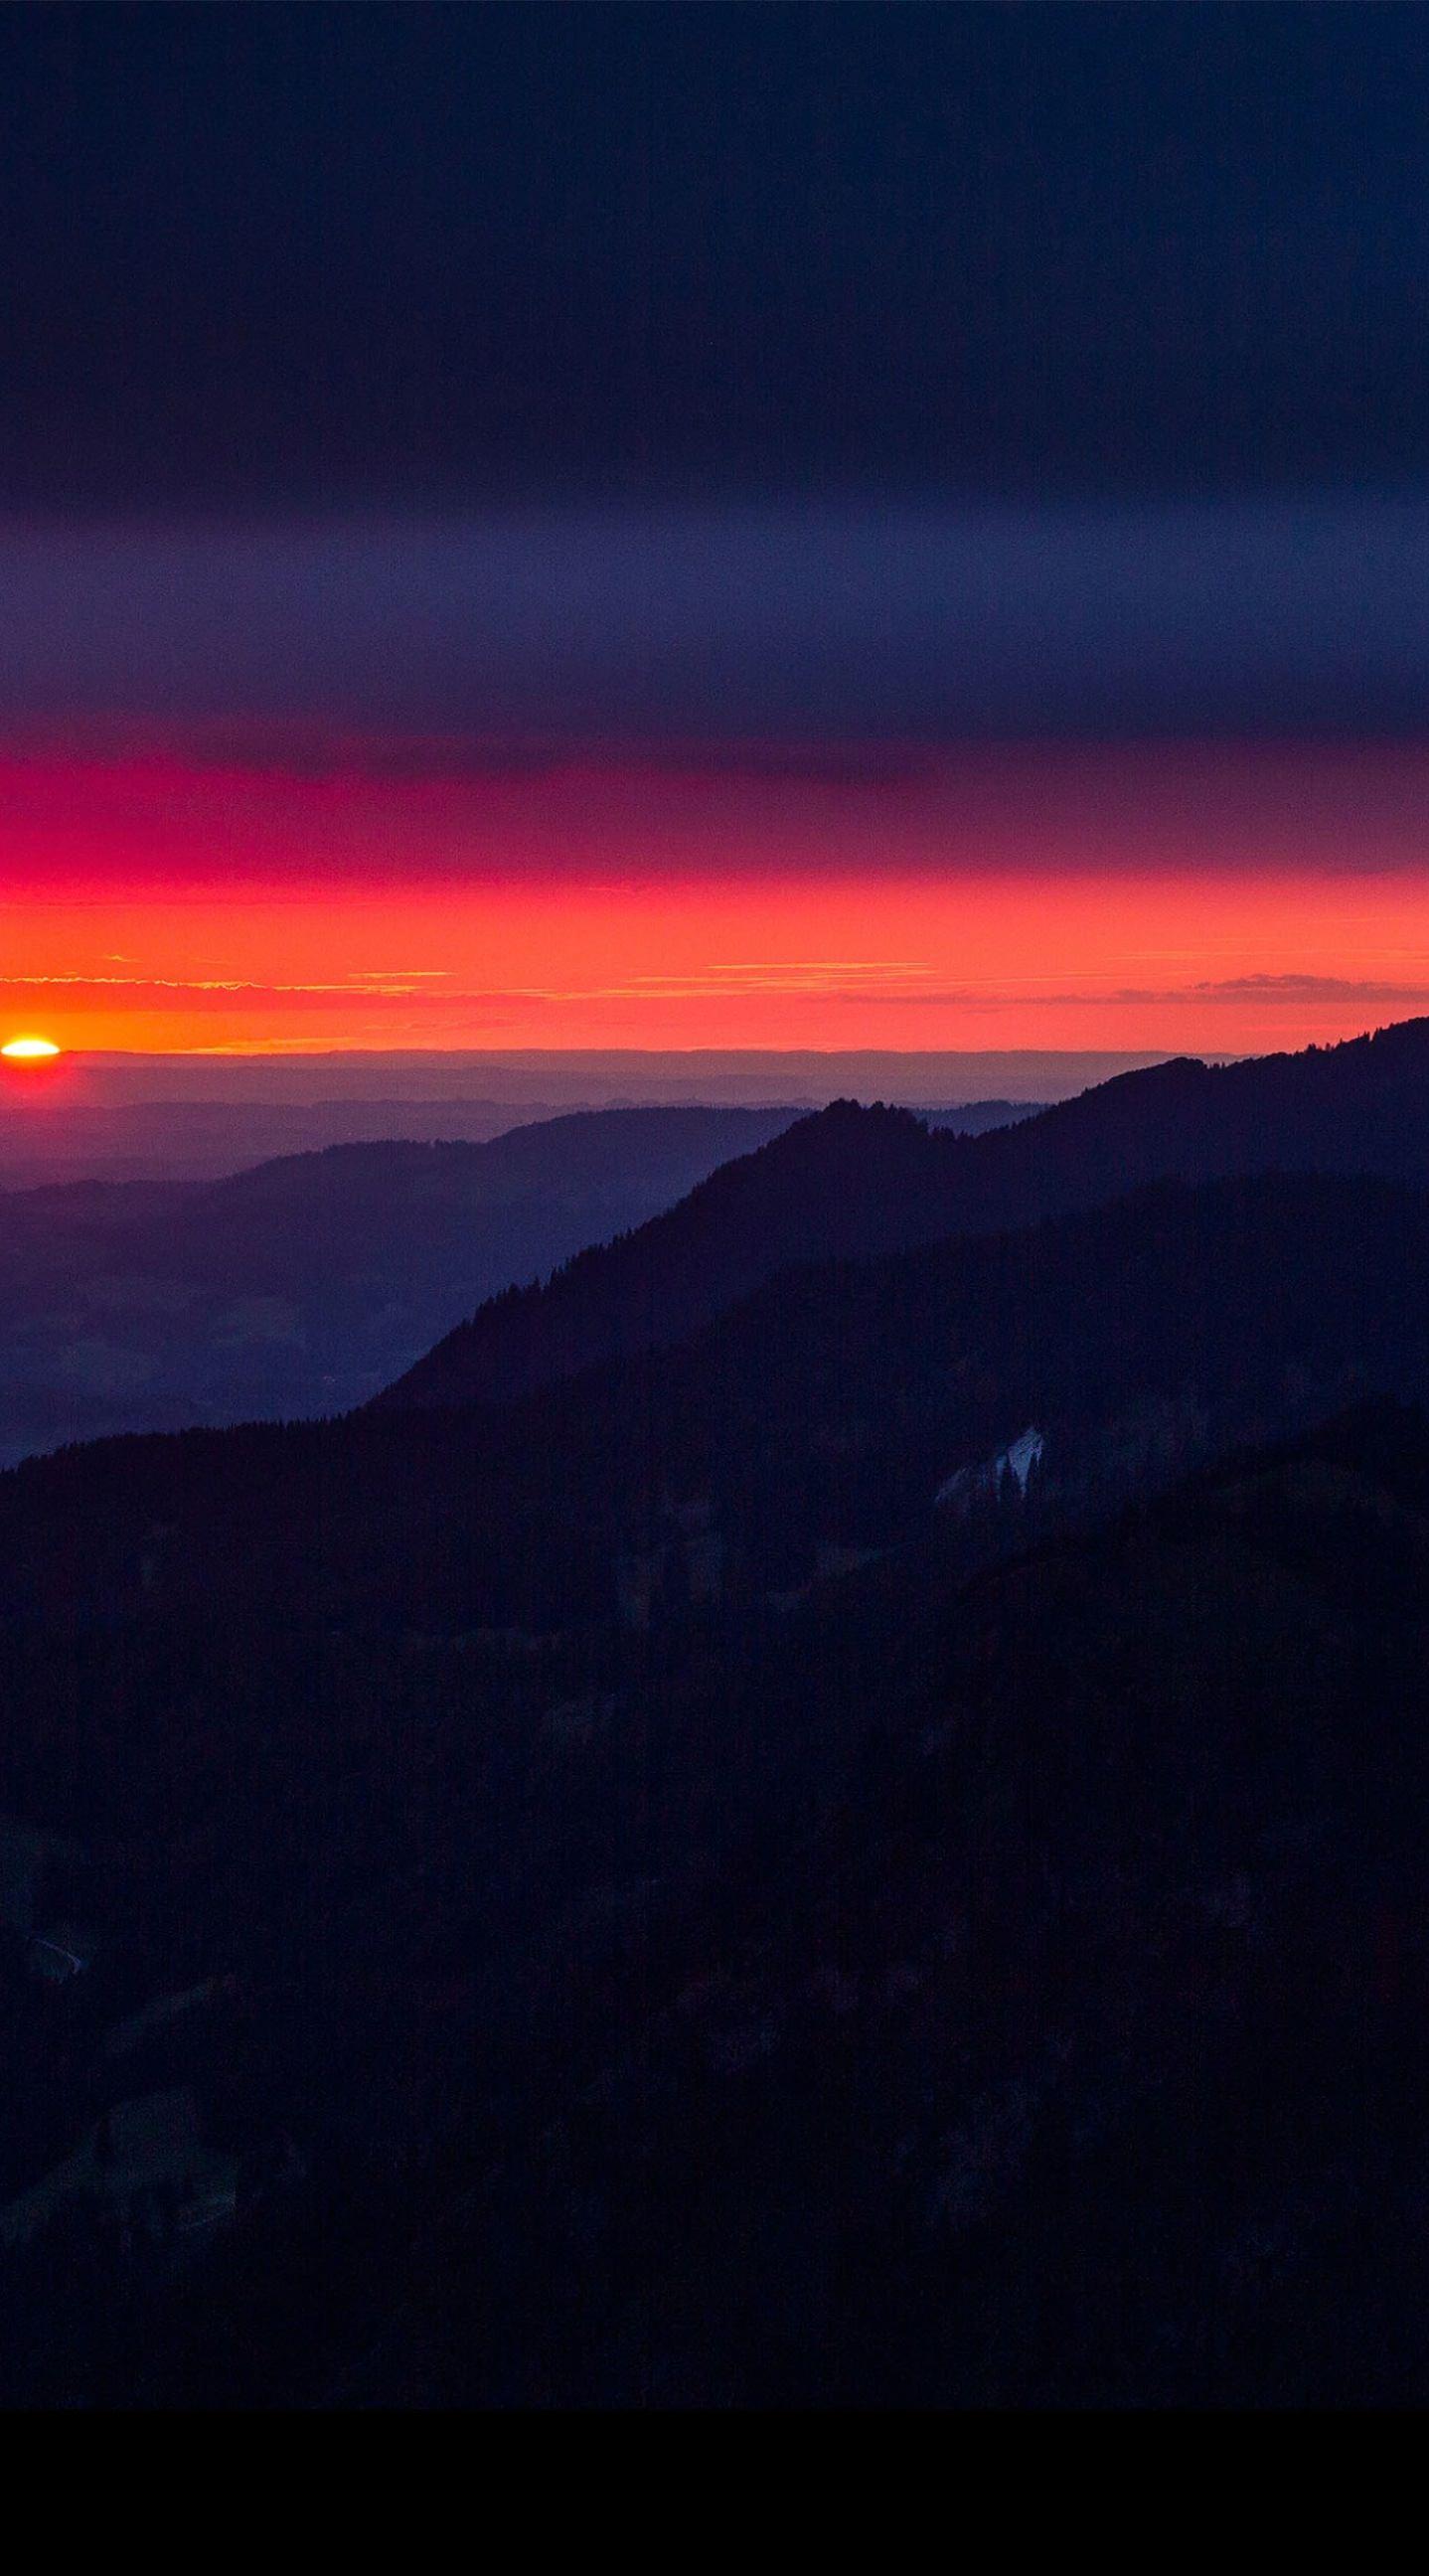 Pemandangan Matahari Terbenam Mountain Laut Wallpapersc